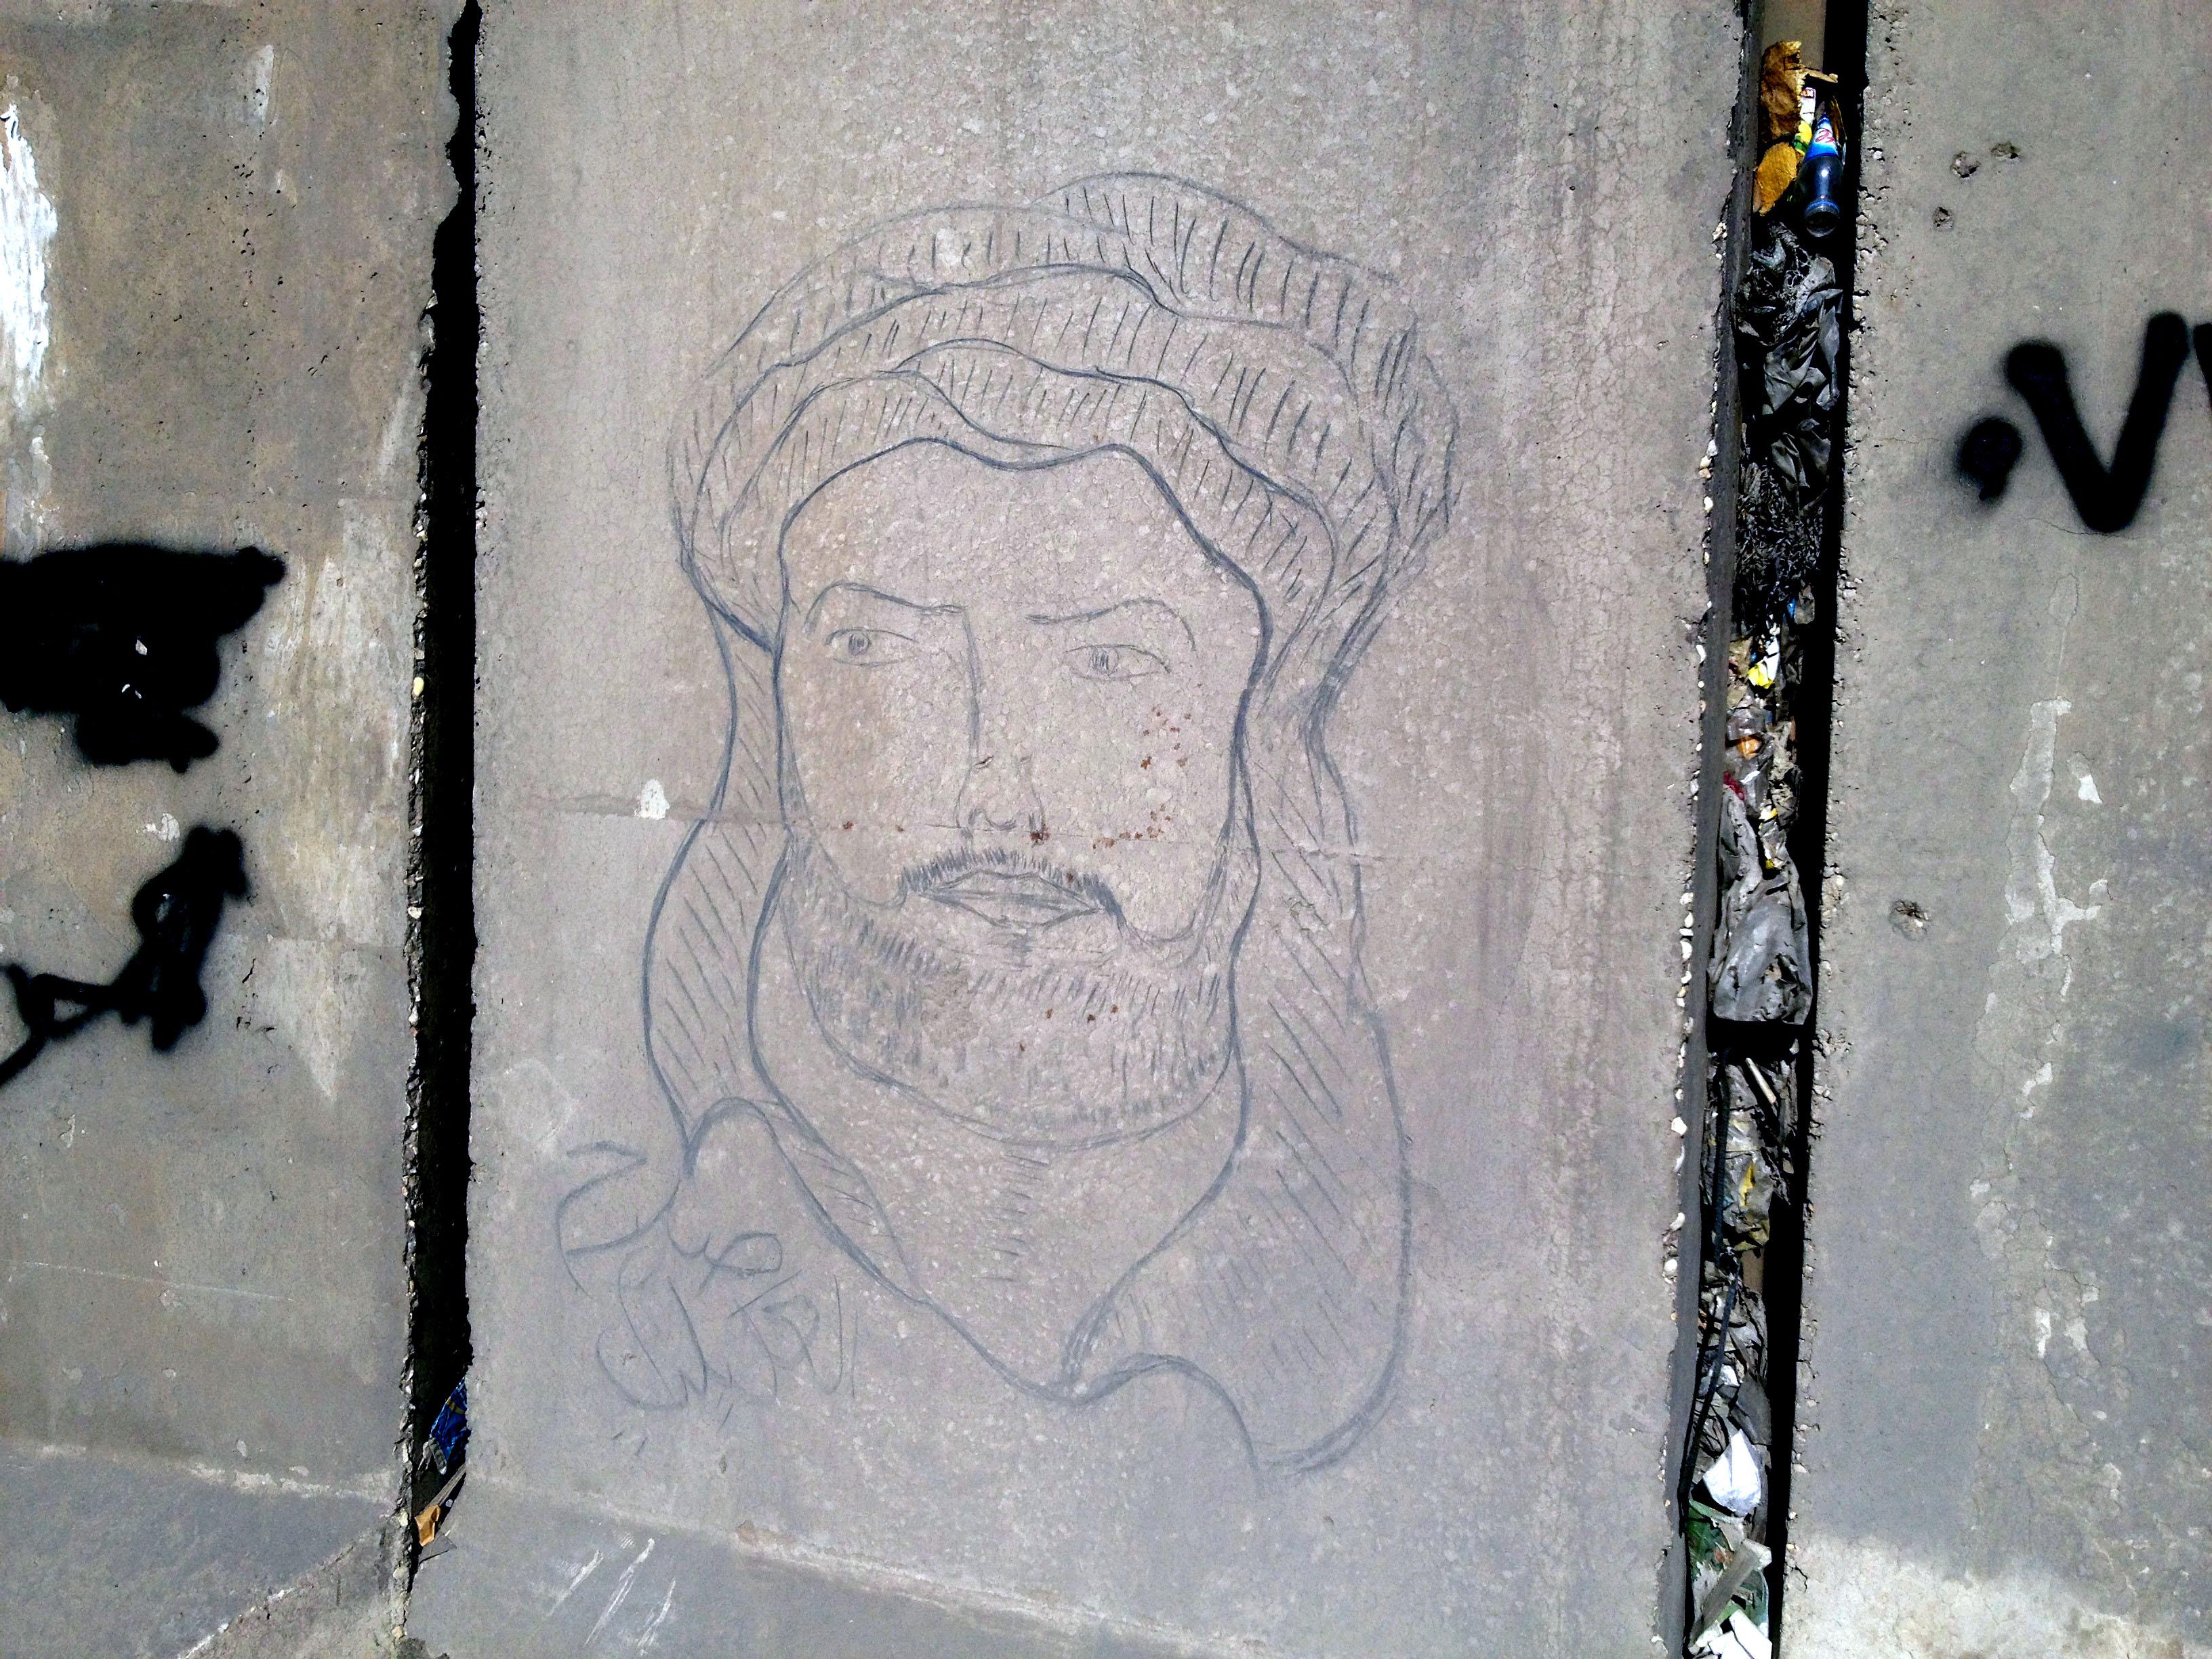 Desenho de Hussein, neto do profeta Maomé, em barreira de concreto de Bagdá. Crédito Diogo Bercito/Folhapress